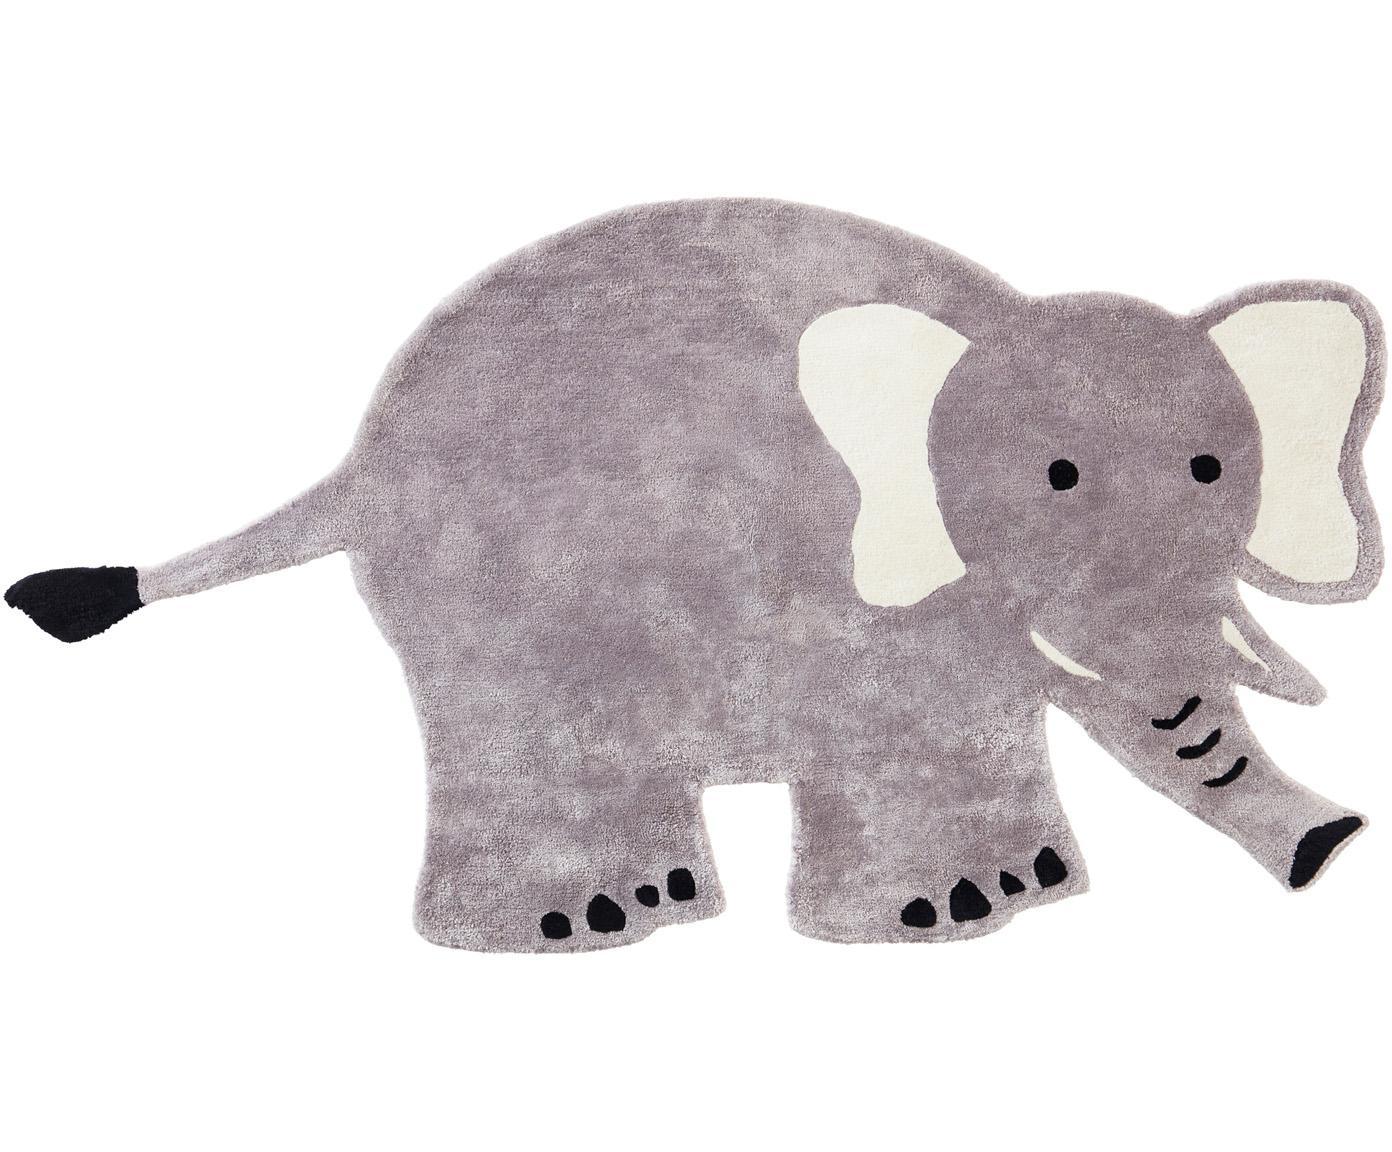 Dywan z wiskozy Ellie Elephant, 100% wiskoza, 4600 g/m², Szary, czarny, biały, S 100 x D 180 cm (Rozmiar S)